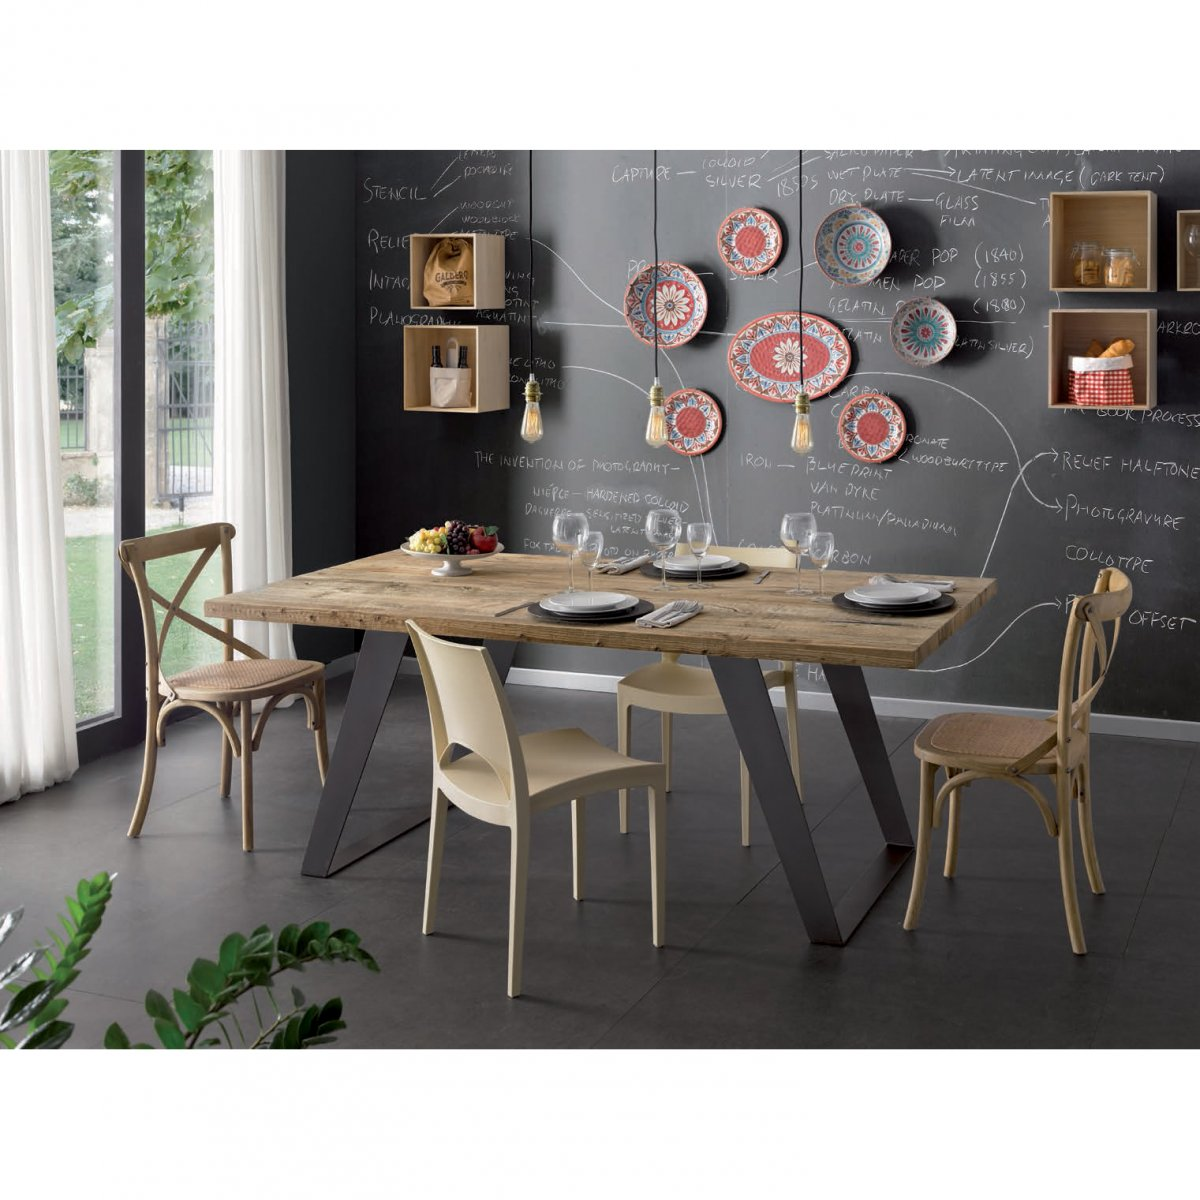 Keihome Nature Tavolo rettangolare legno 200 x 100